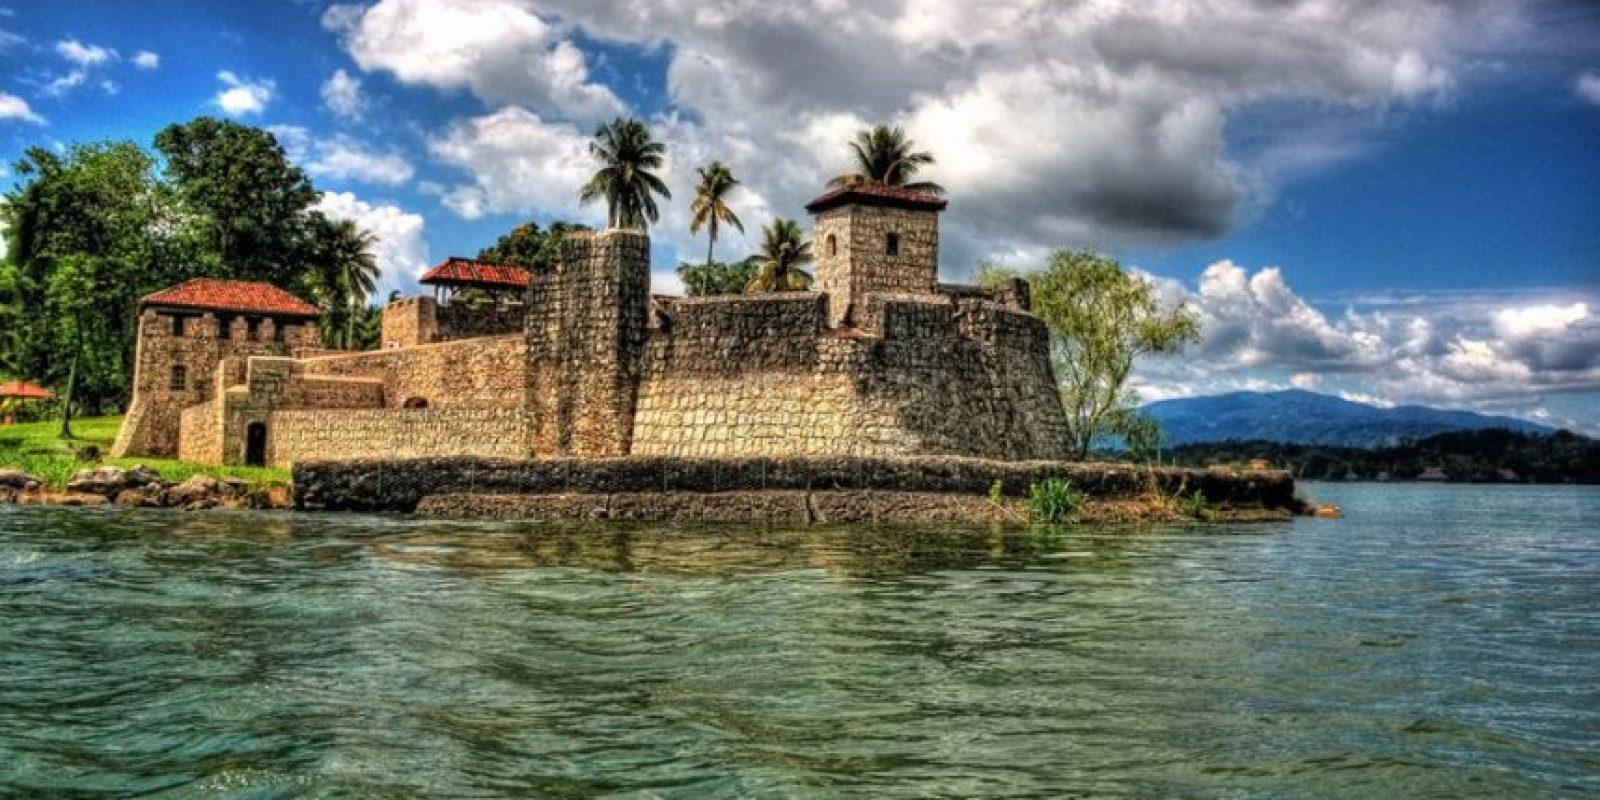 Hay ciertos monumentos, como el Castillo de San Felipe el cual fue construido en 1644, que mejor deberían ser destruidos. Foto:http://www.buzzfeed.com